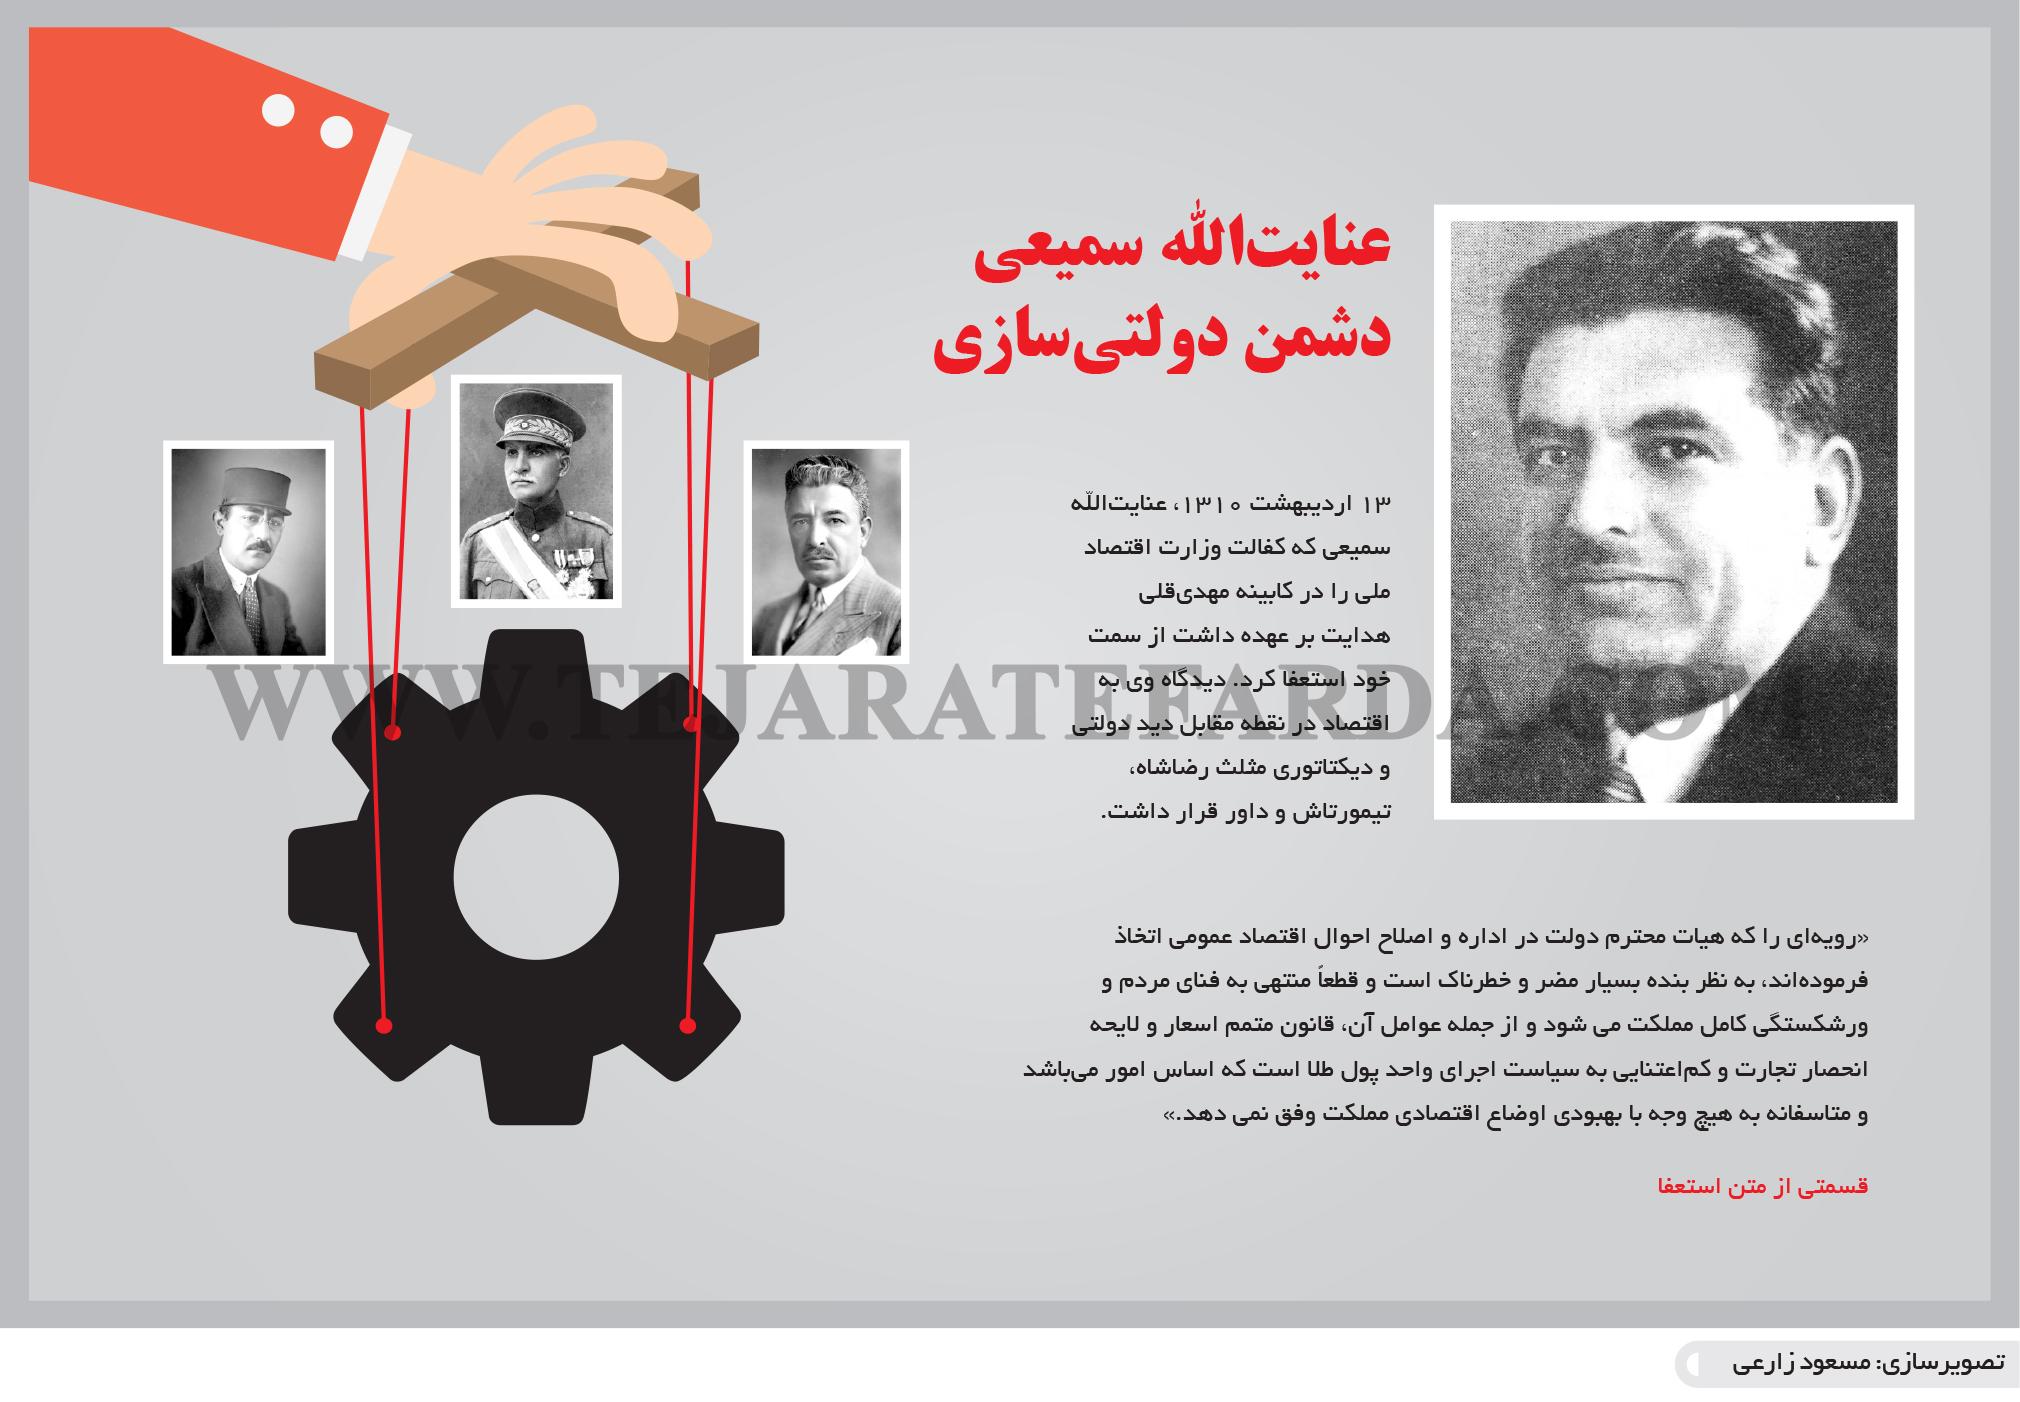 تجارت- فردا- عنایتالله سمیعی دشمن دولتیسازی(اینفوگرافیک)